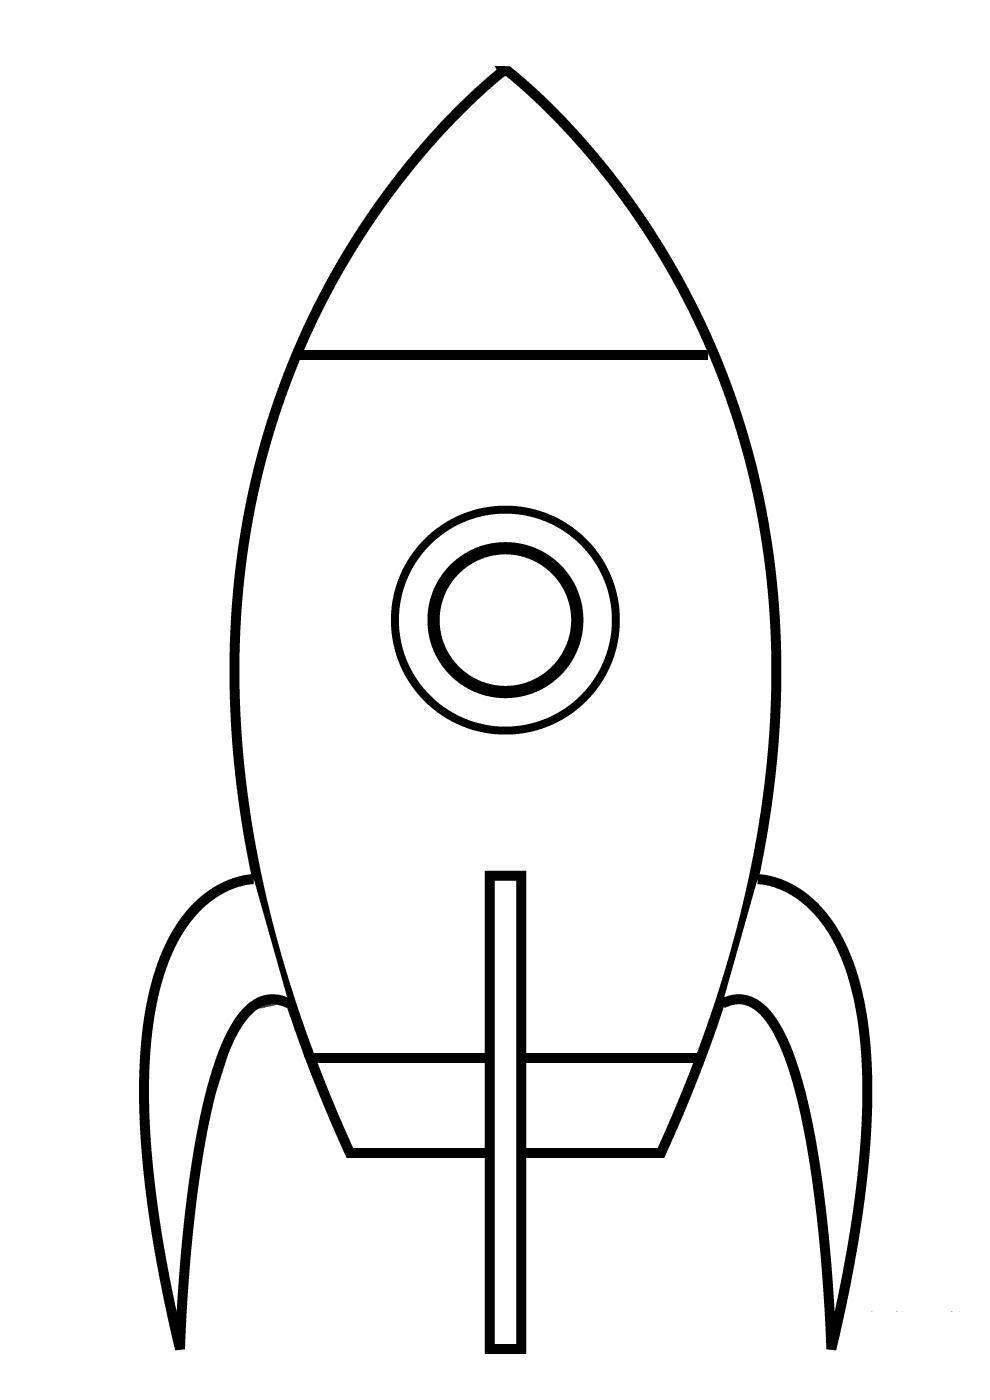 черно-белые картинки для распечатки ракеты это практически